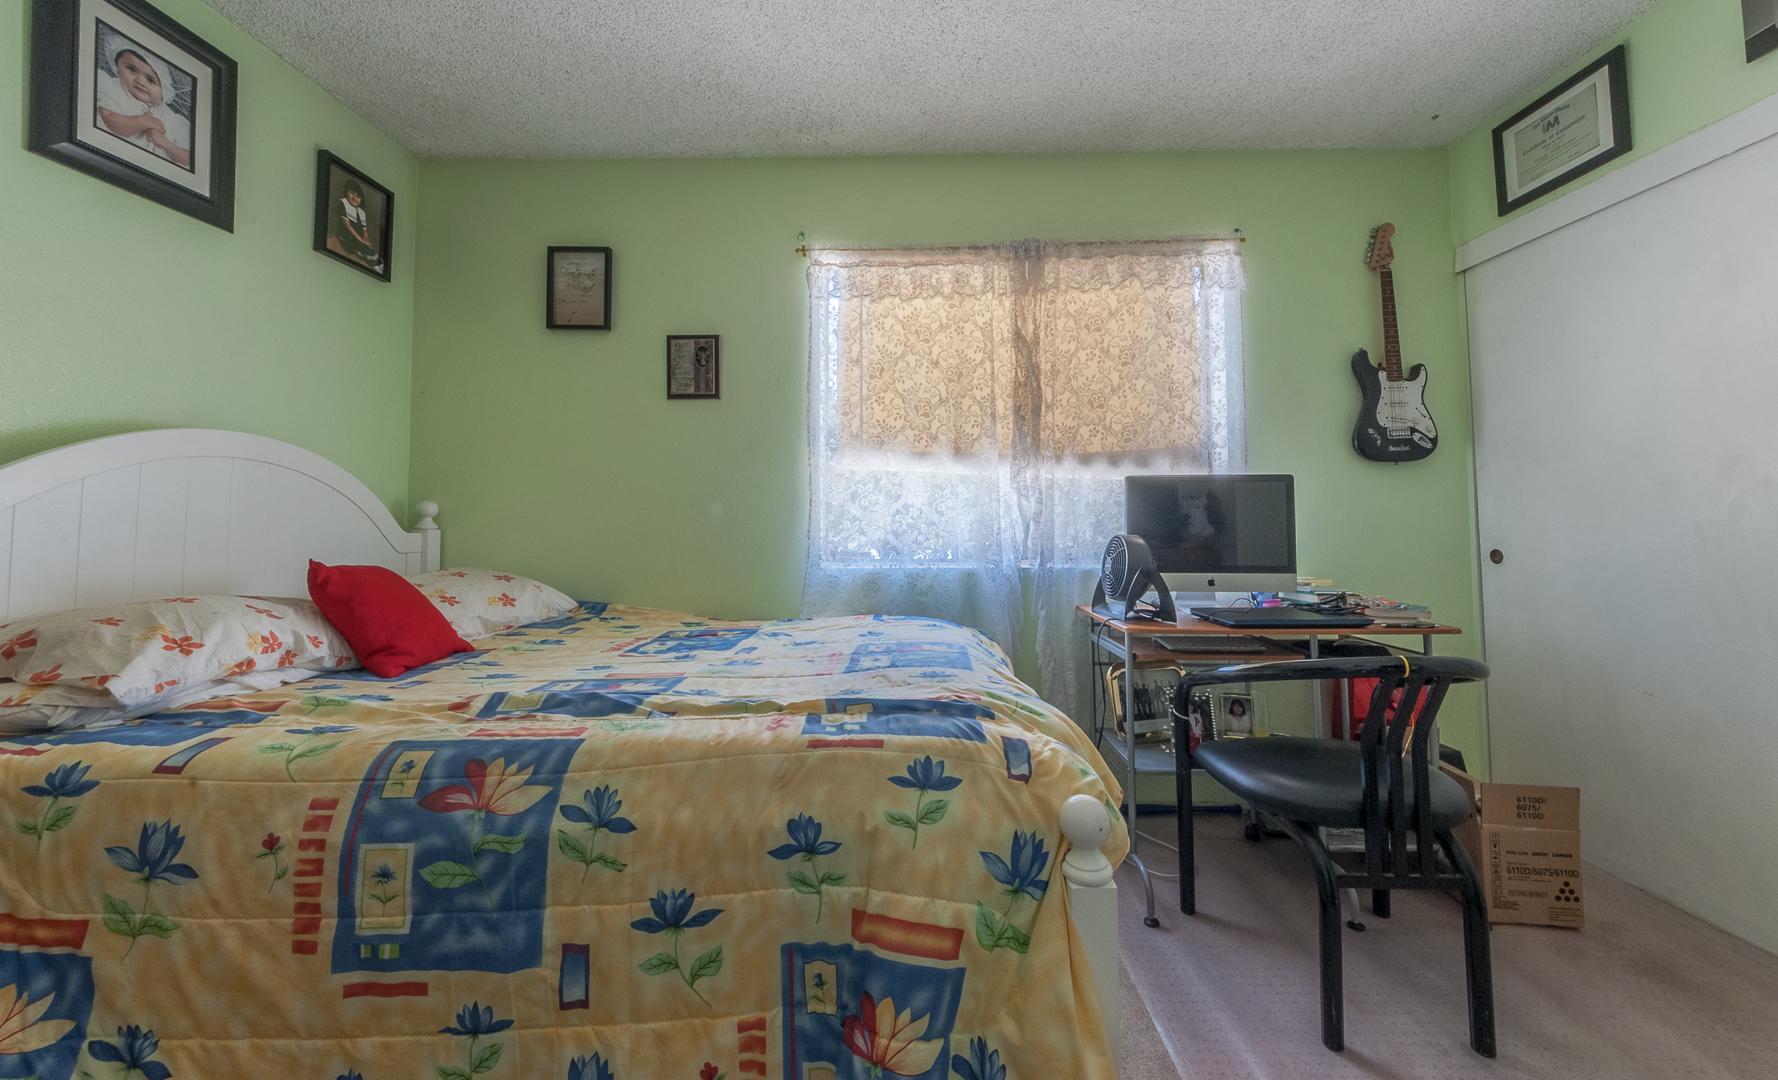 8 - Bedroom